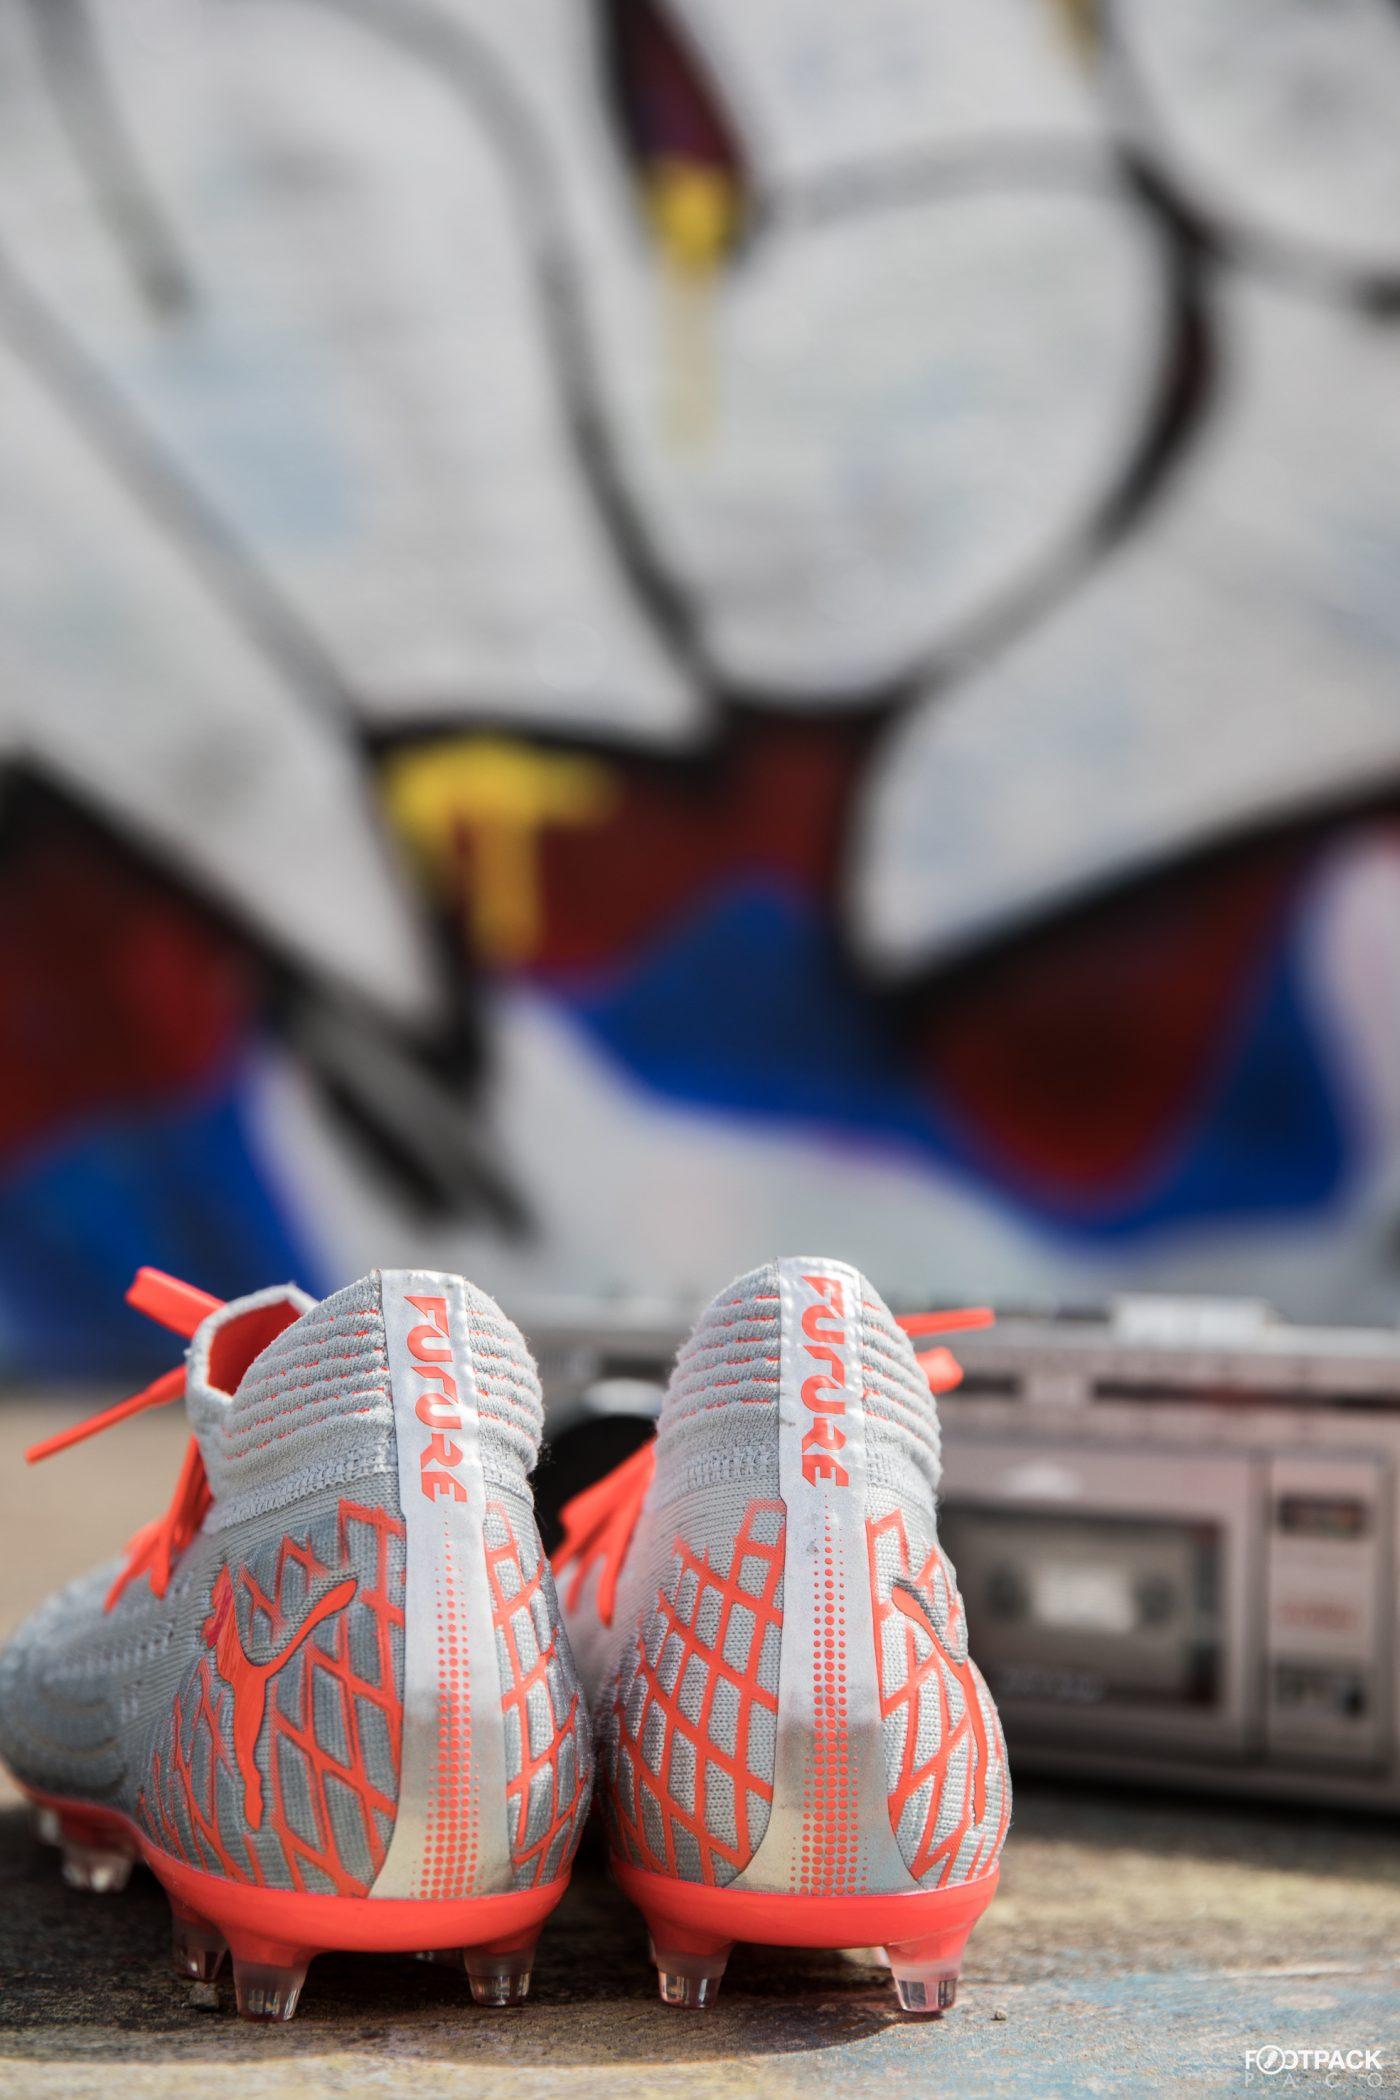 puma-future-4.1-pack-anthem-juin-2019-footpack-8